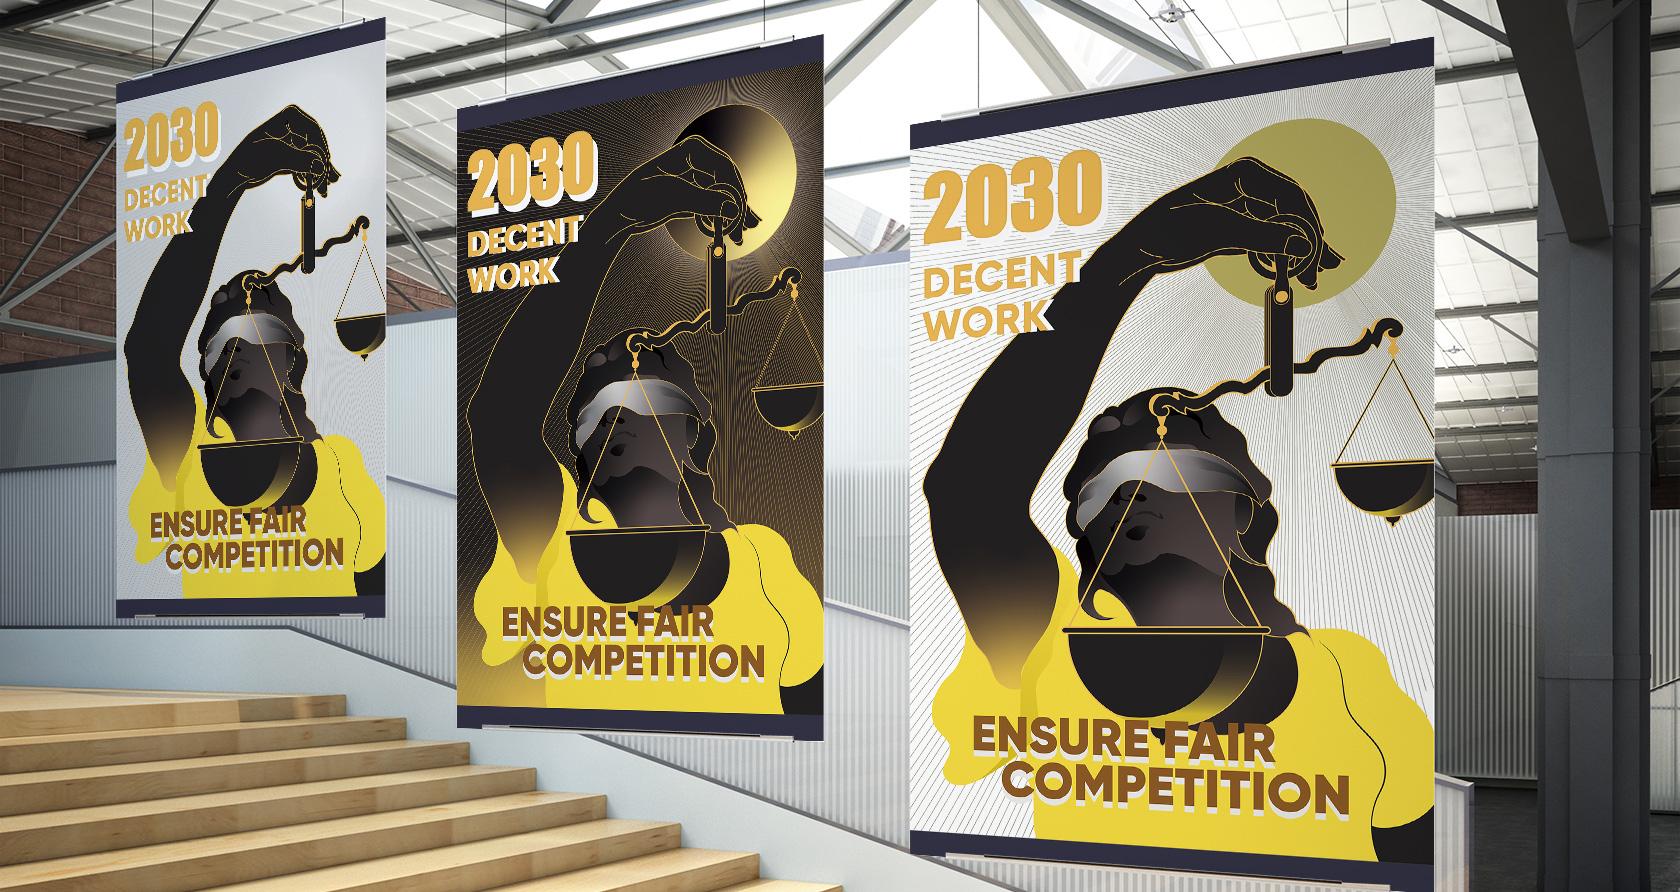 Decent Work 2030(2020)